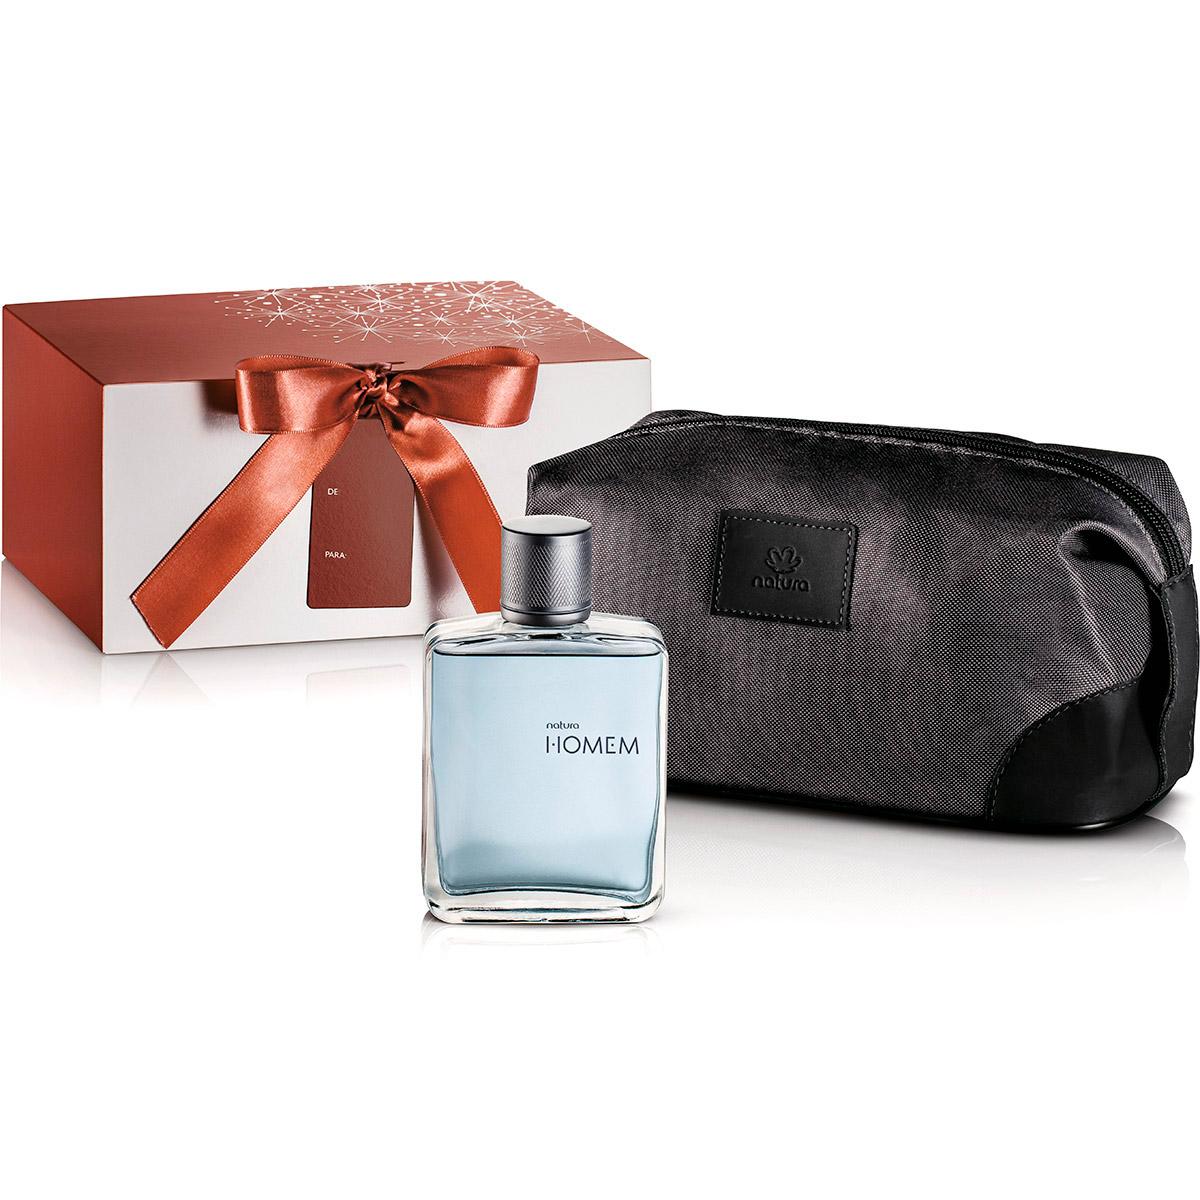 Presente Natura Homem - Desodorante Colônia + Nécessaire + Embalagem - 62865